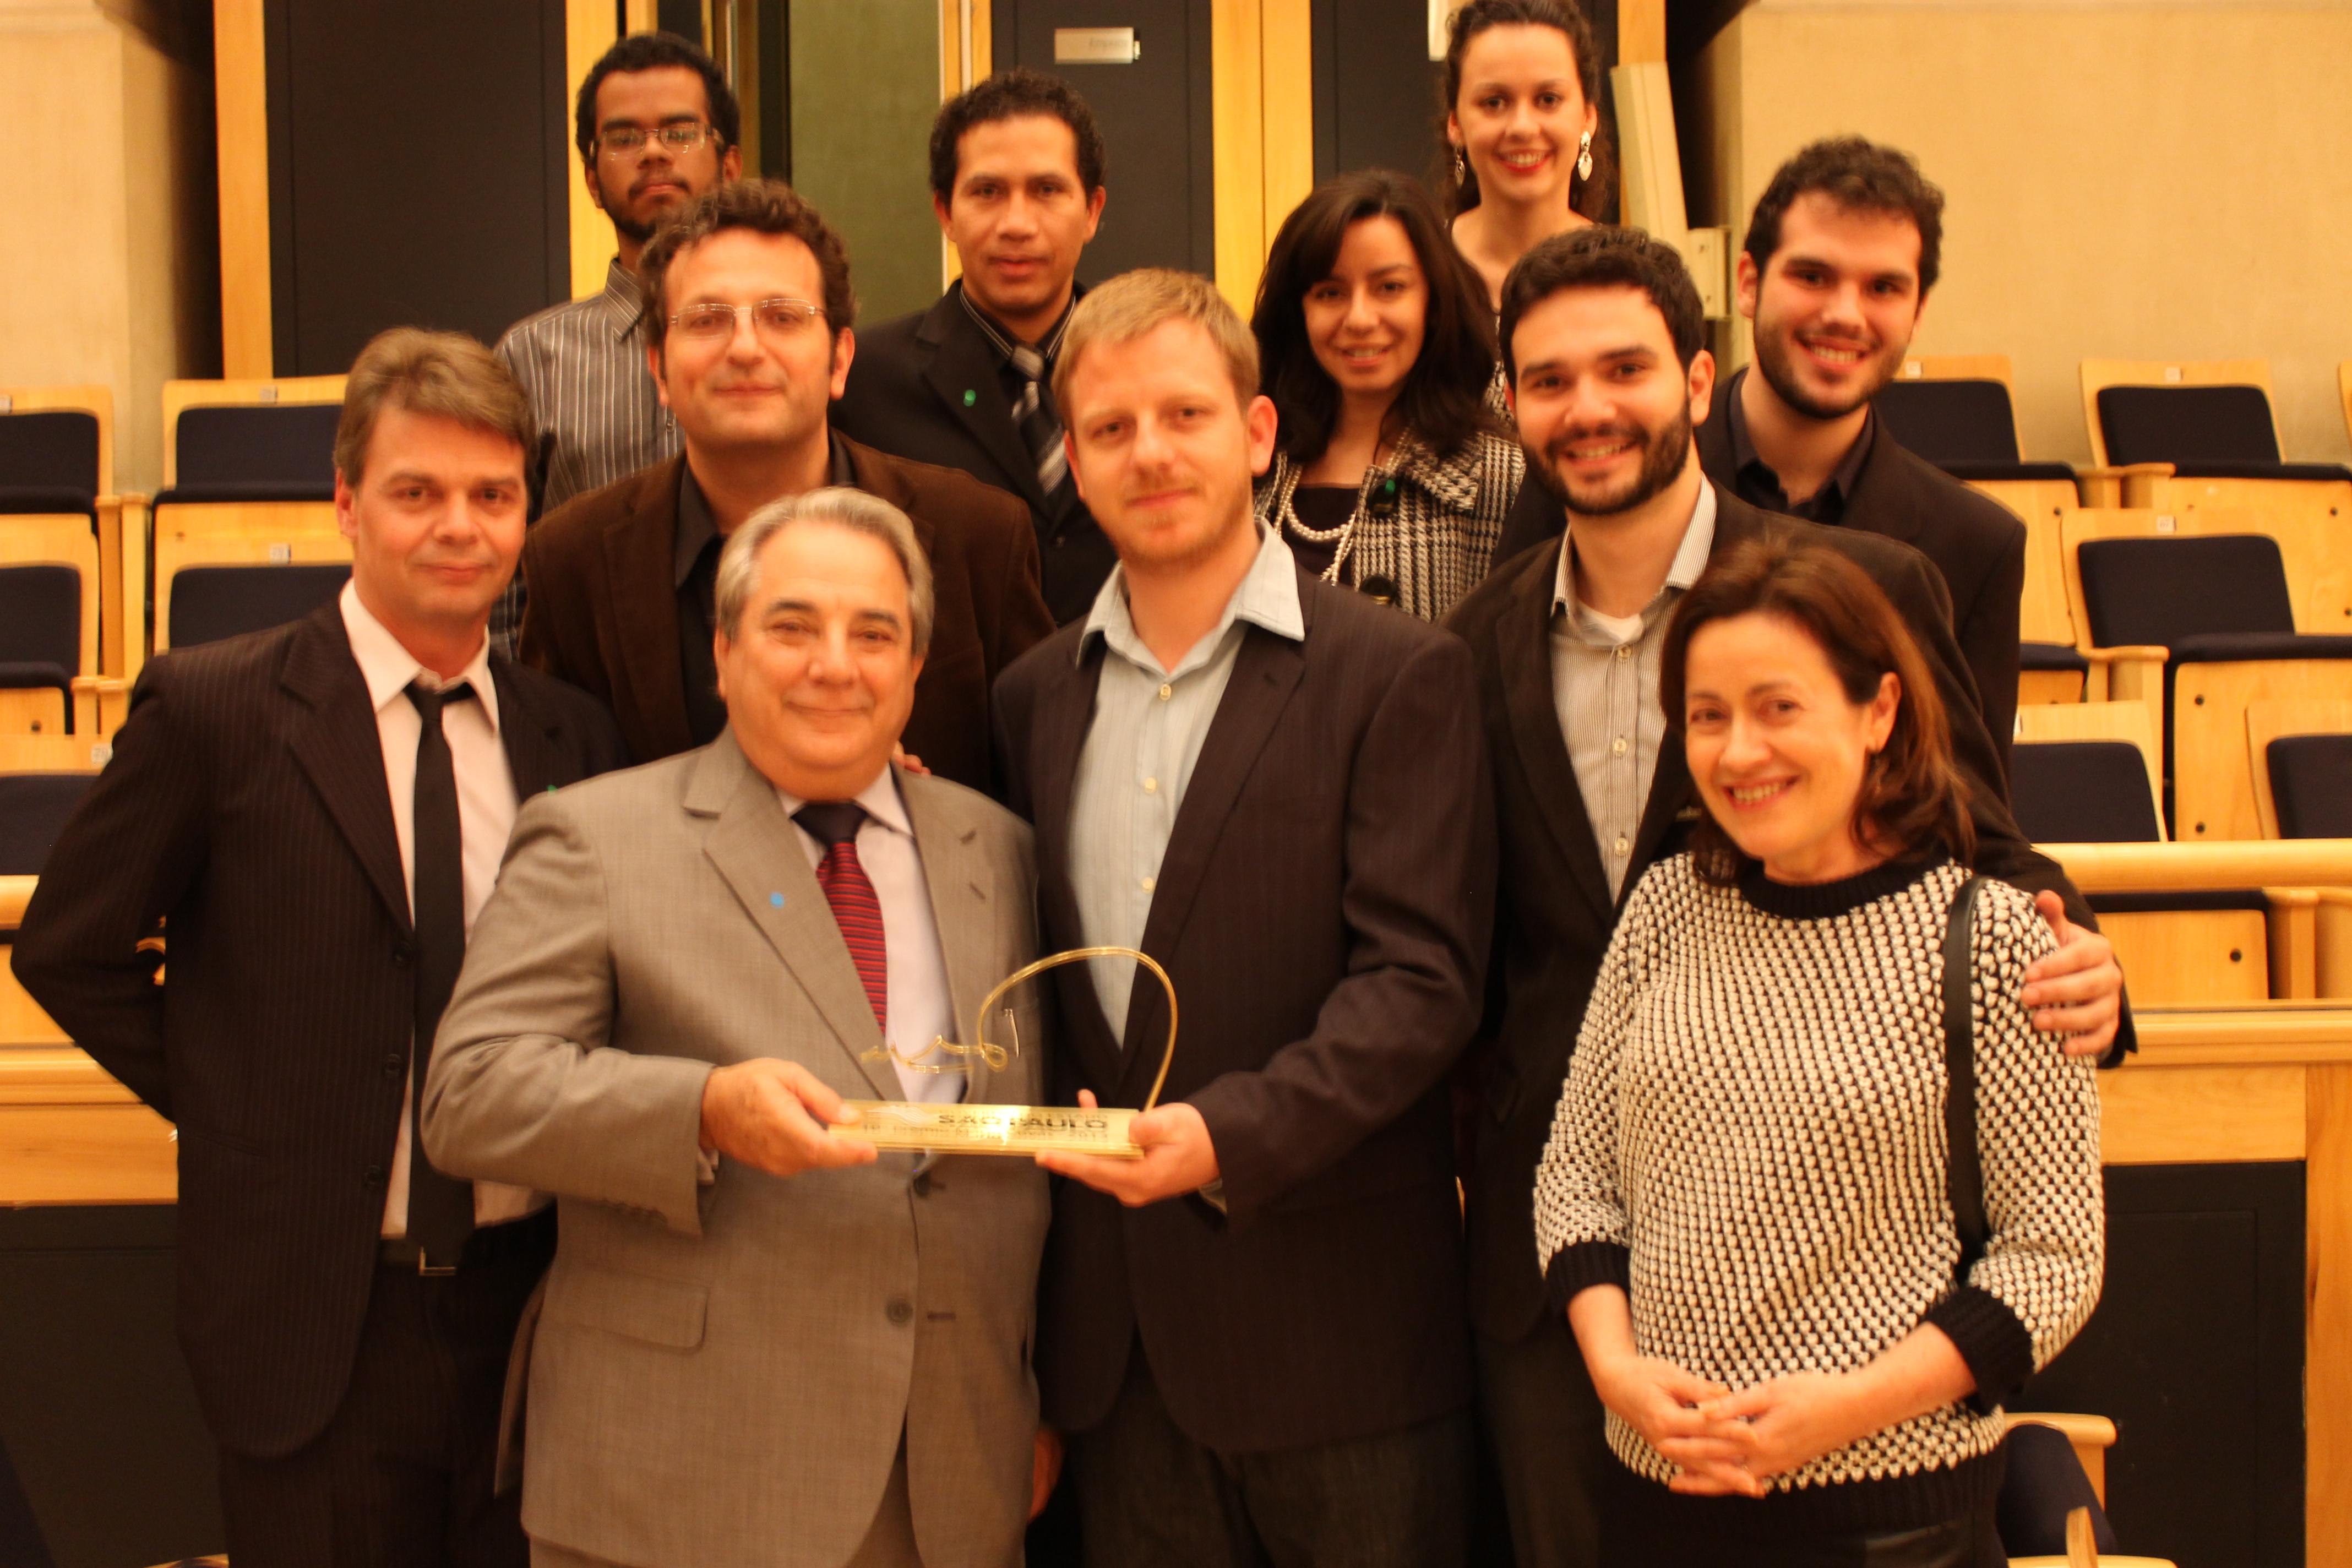 Observatório Cidadão de Piracicaba ganha prêmio que reconhece contribuições para melhoria das políticas públicas